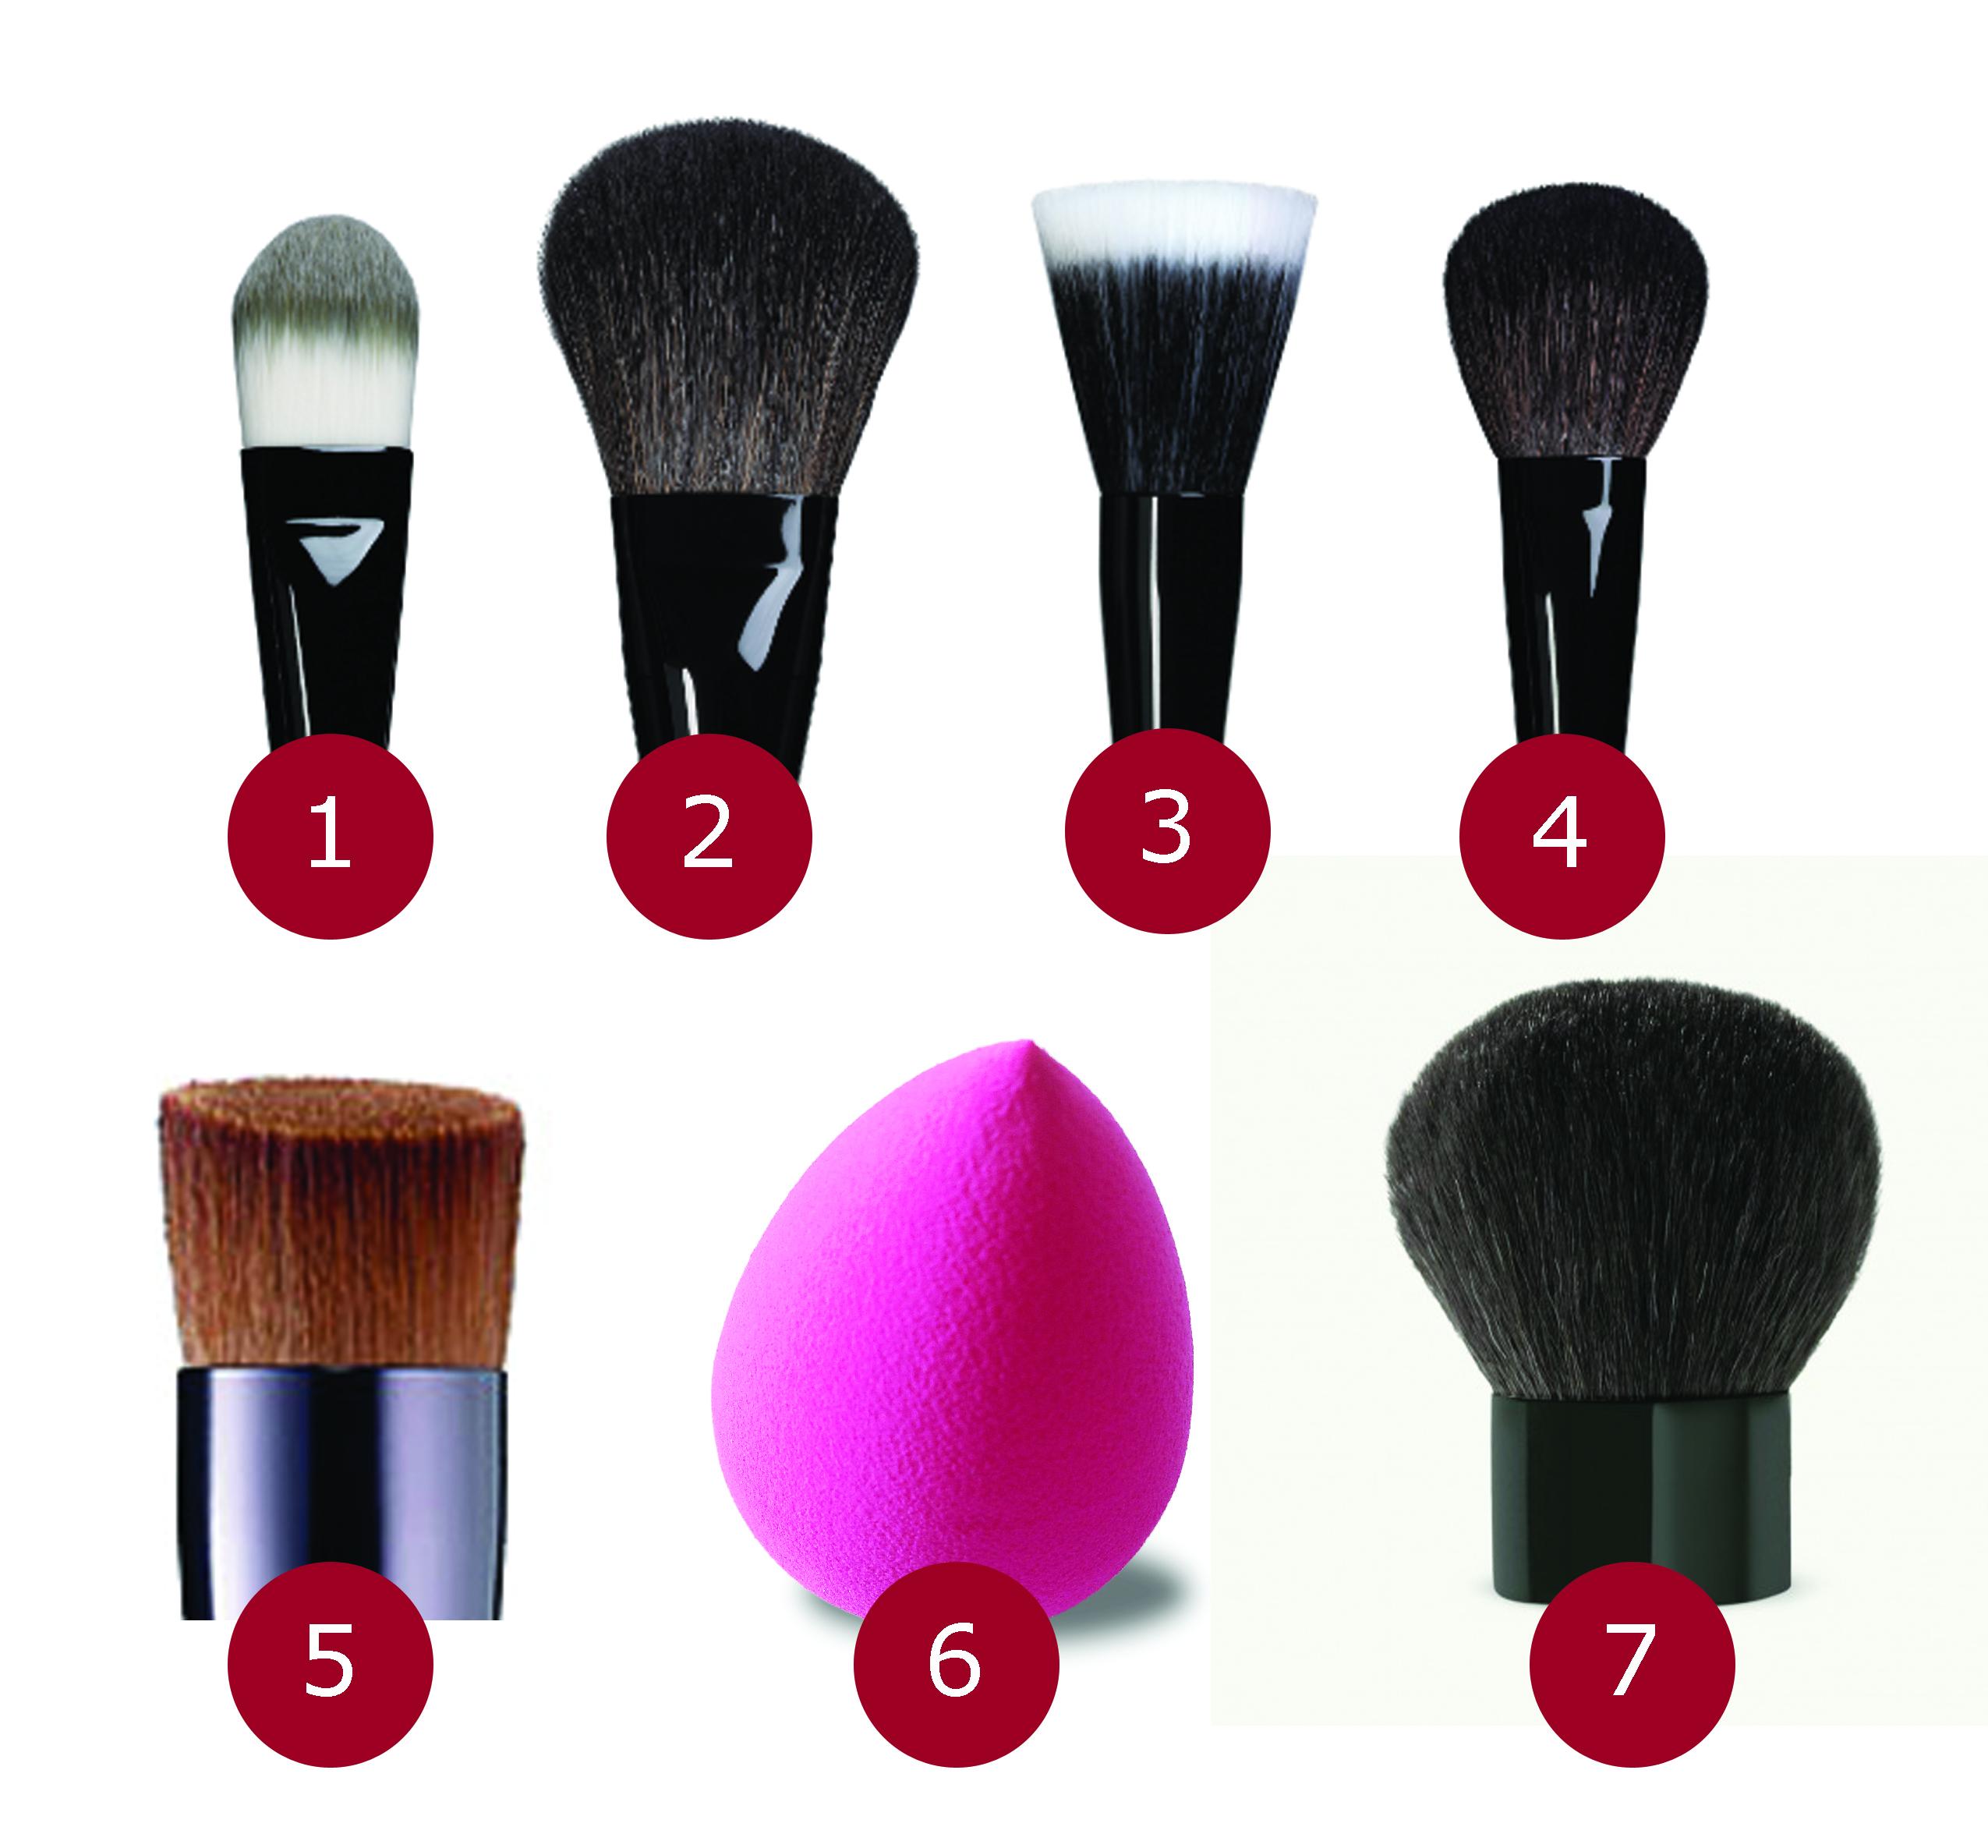 Brochas y pinceles de maquillaje mi blog de tendencias - Como barnizar con brocha ...